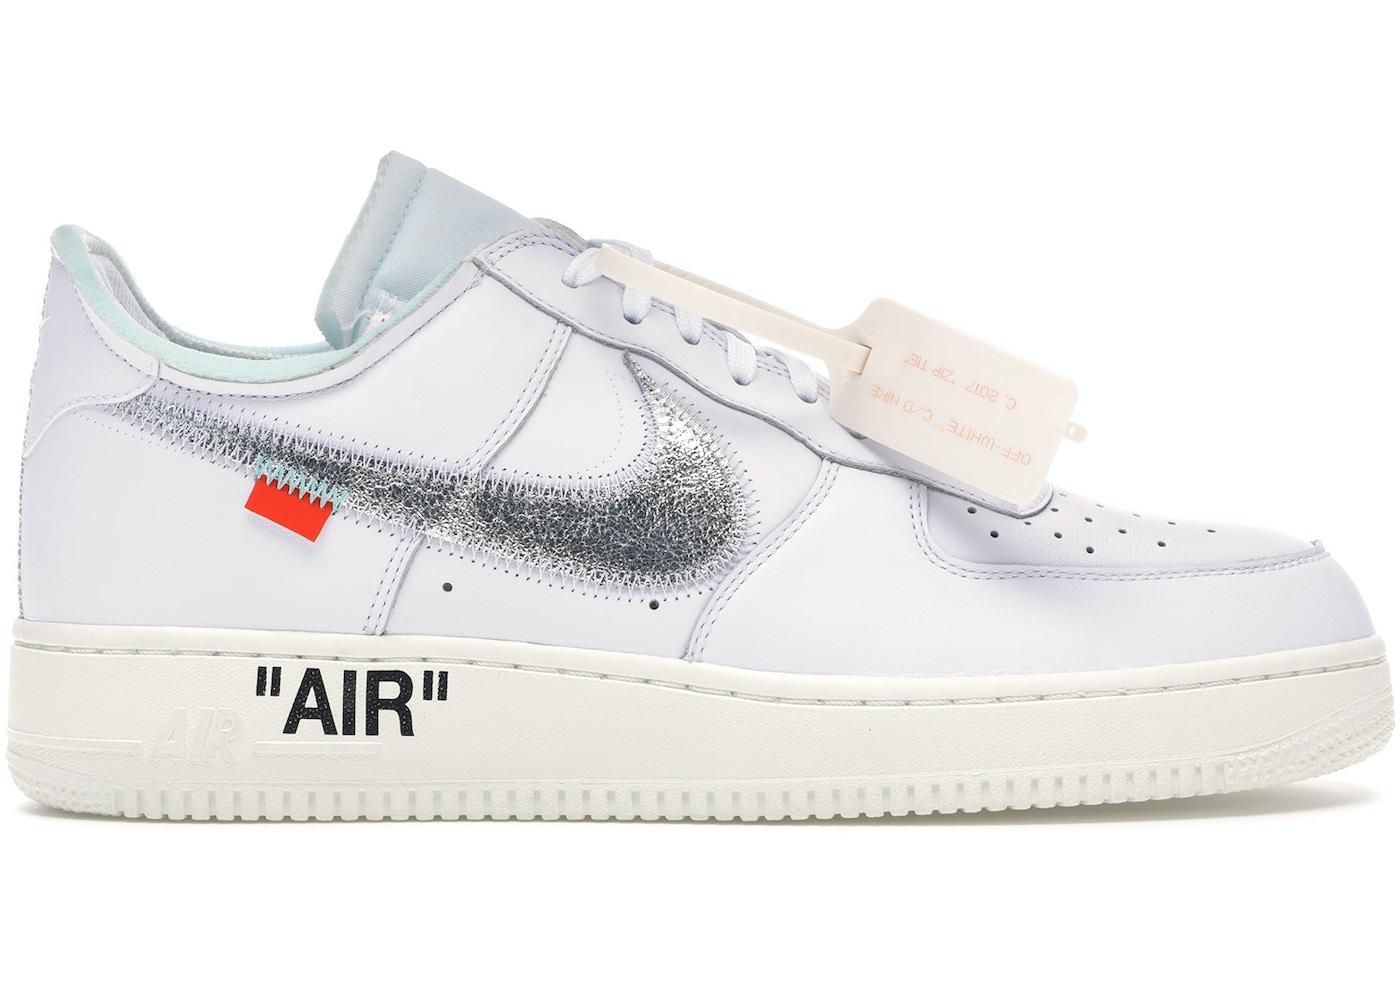 d5f146c37a10a Nike Air Force 1 Shoes - Highest Bid